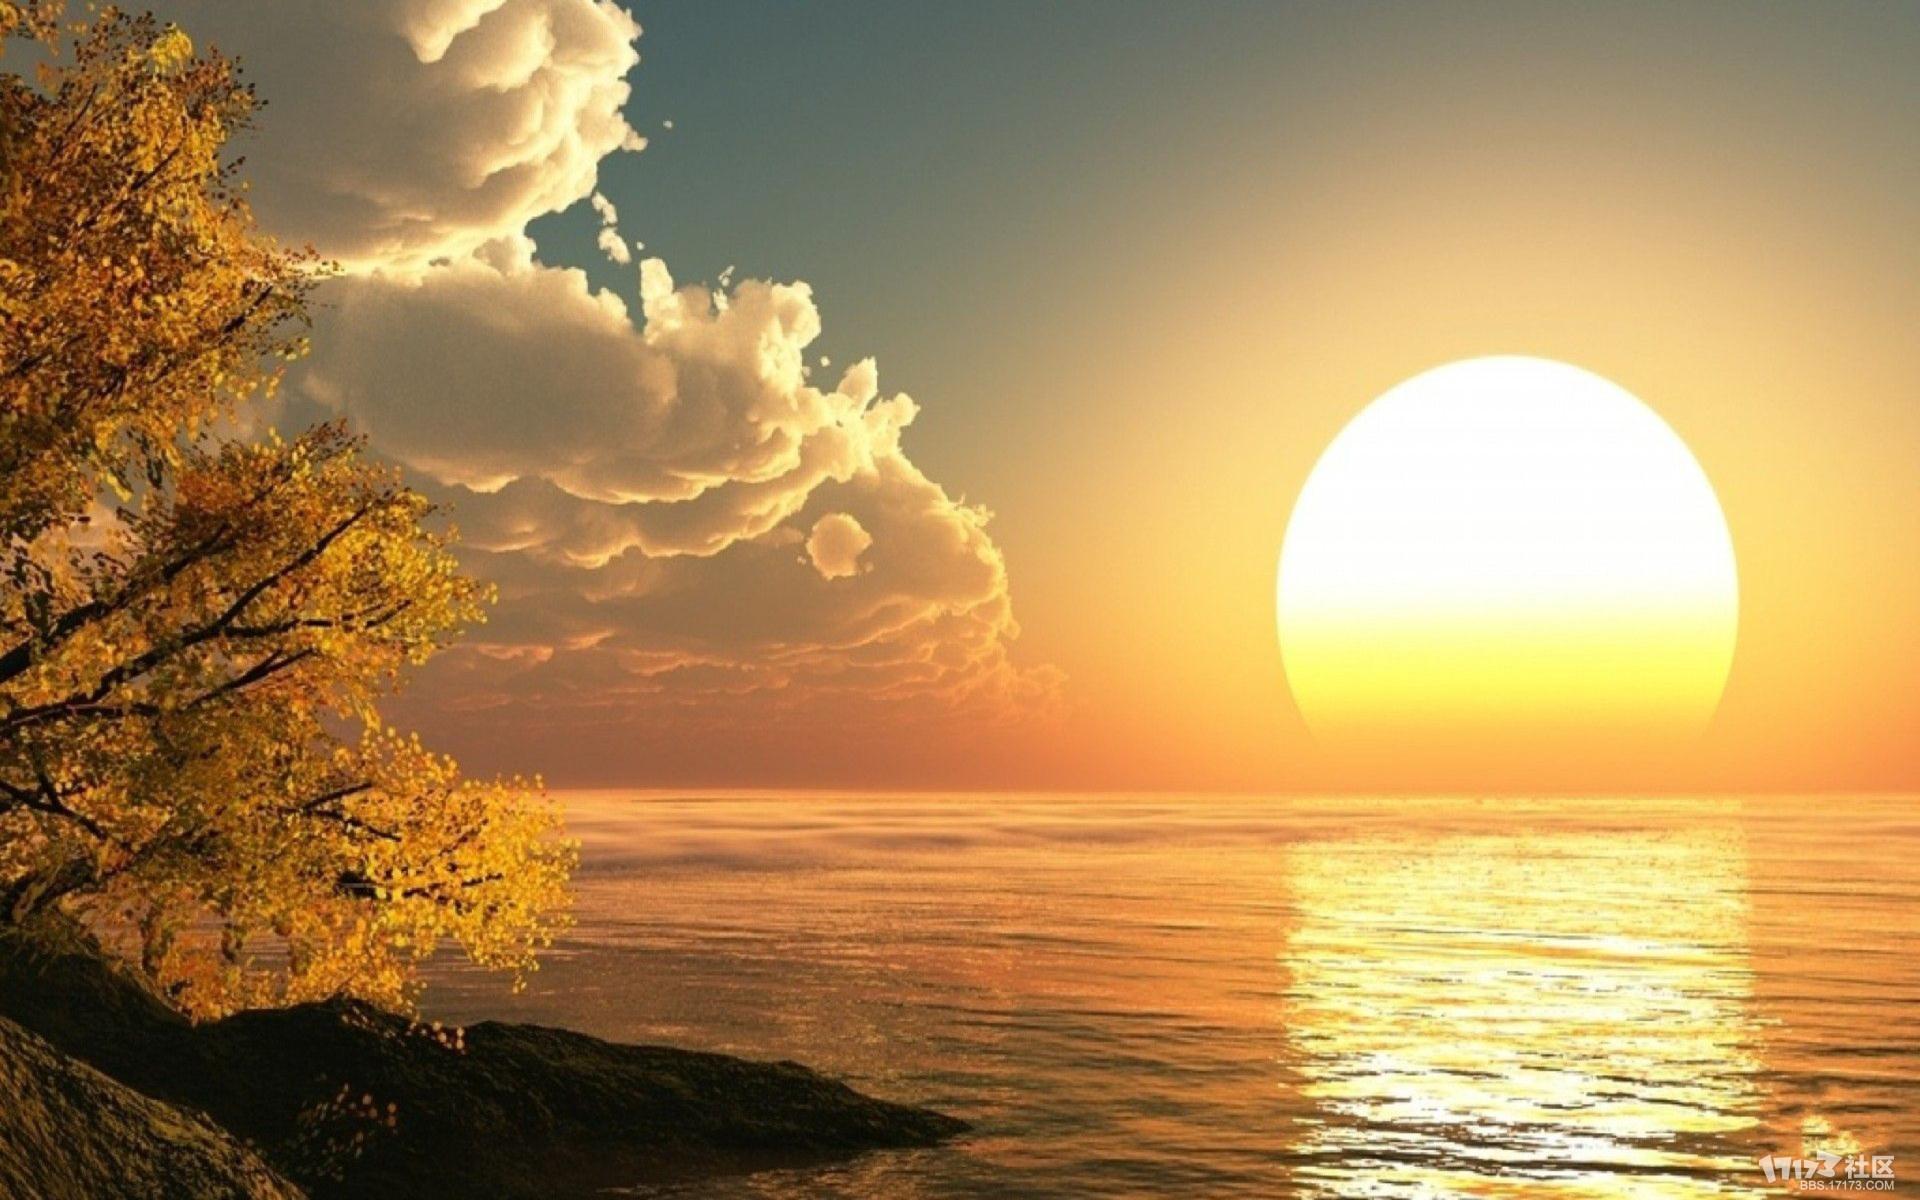 光景交融唯美风景-趣味世界-一起一起上 - 爱游戏,爱